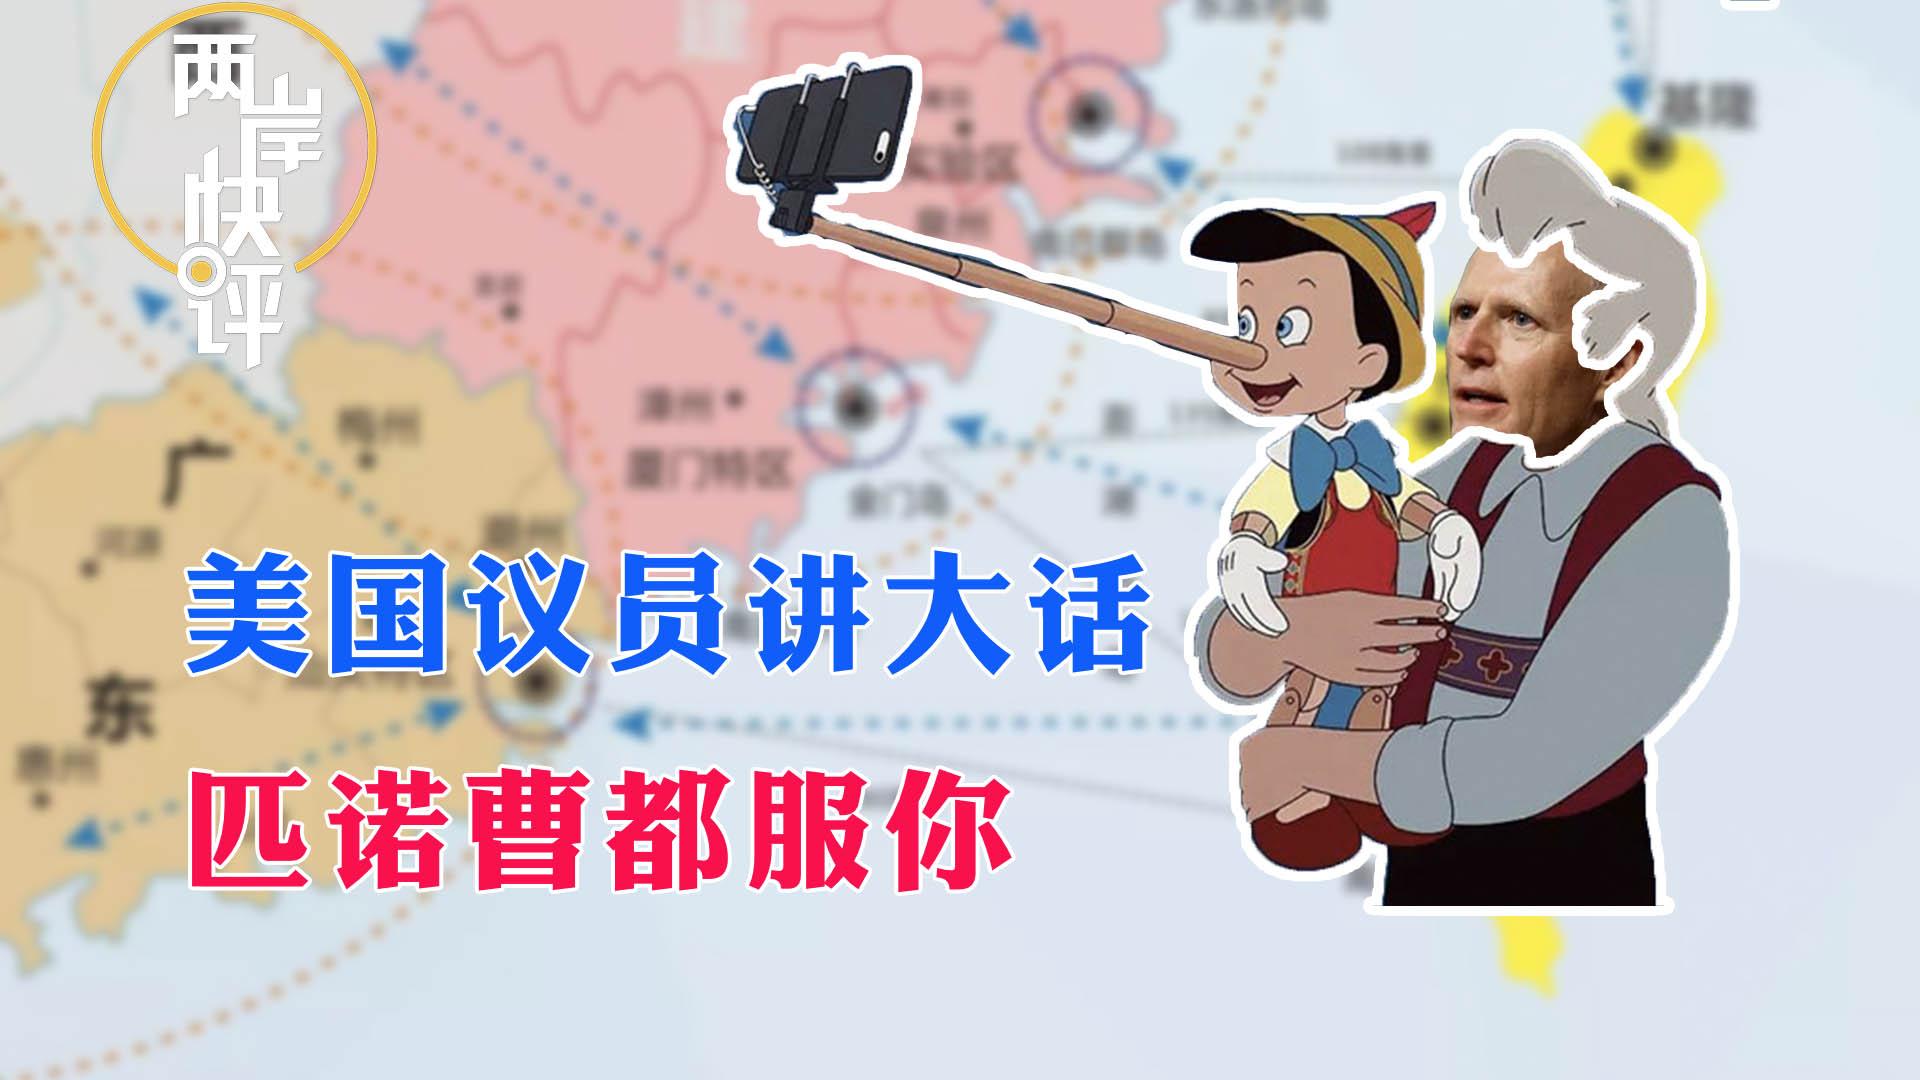 嫌统一太慢?美国议员放话要尽一切可能支持台湾图片